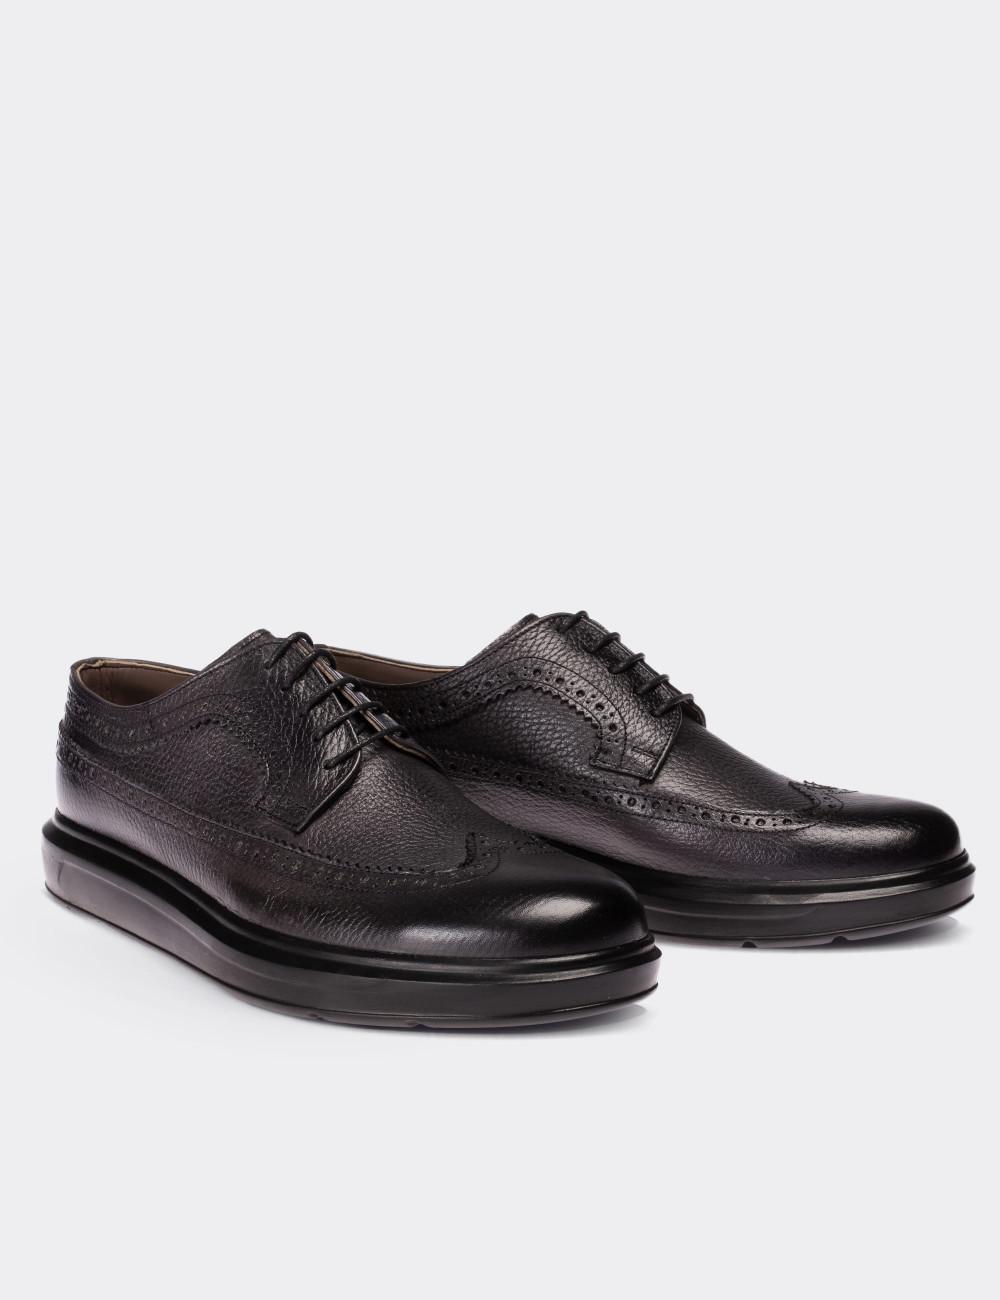 Hakiki Deri Gri Comfort Günlük Erkek Ayakkabı - 01293MGRIP03